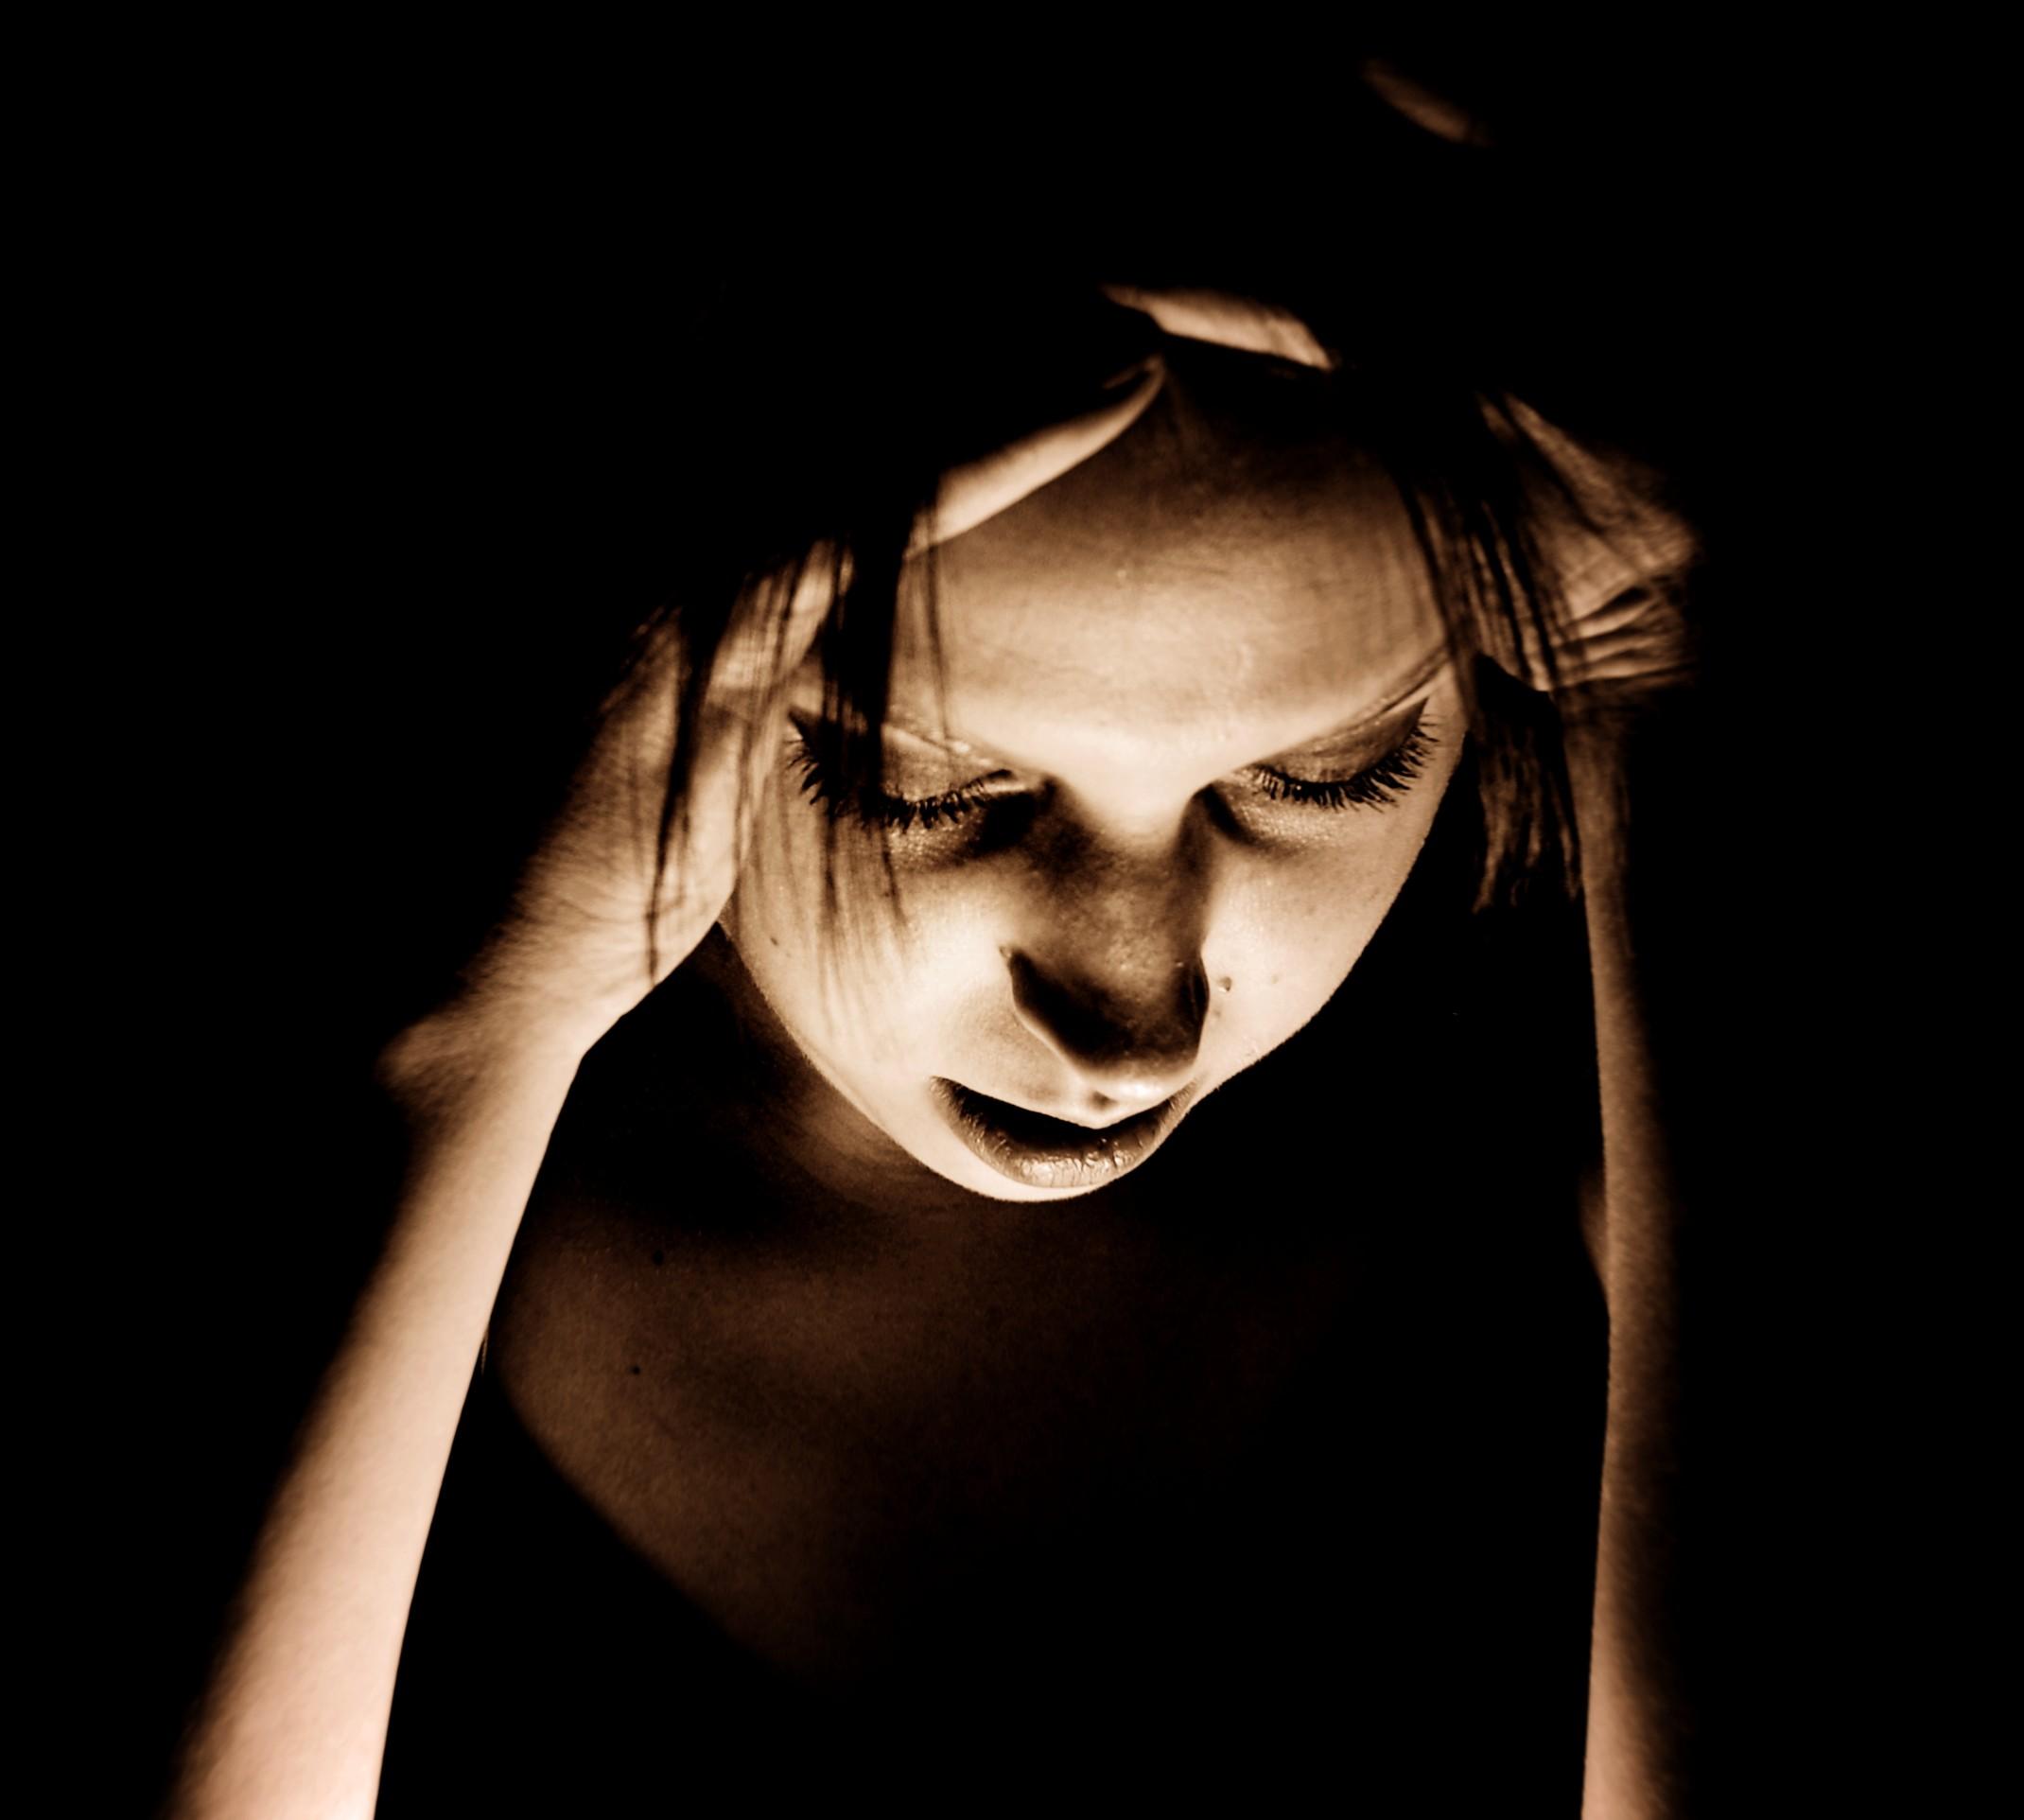 Emicrania, una donna con le mani alla testa